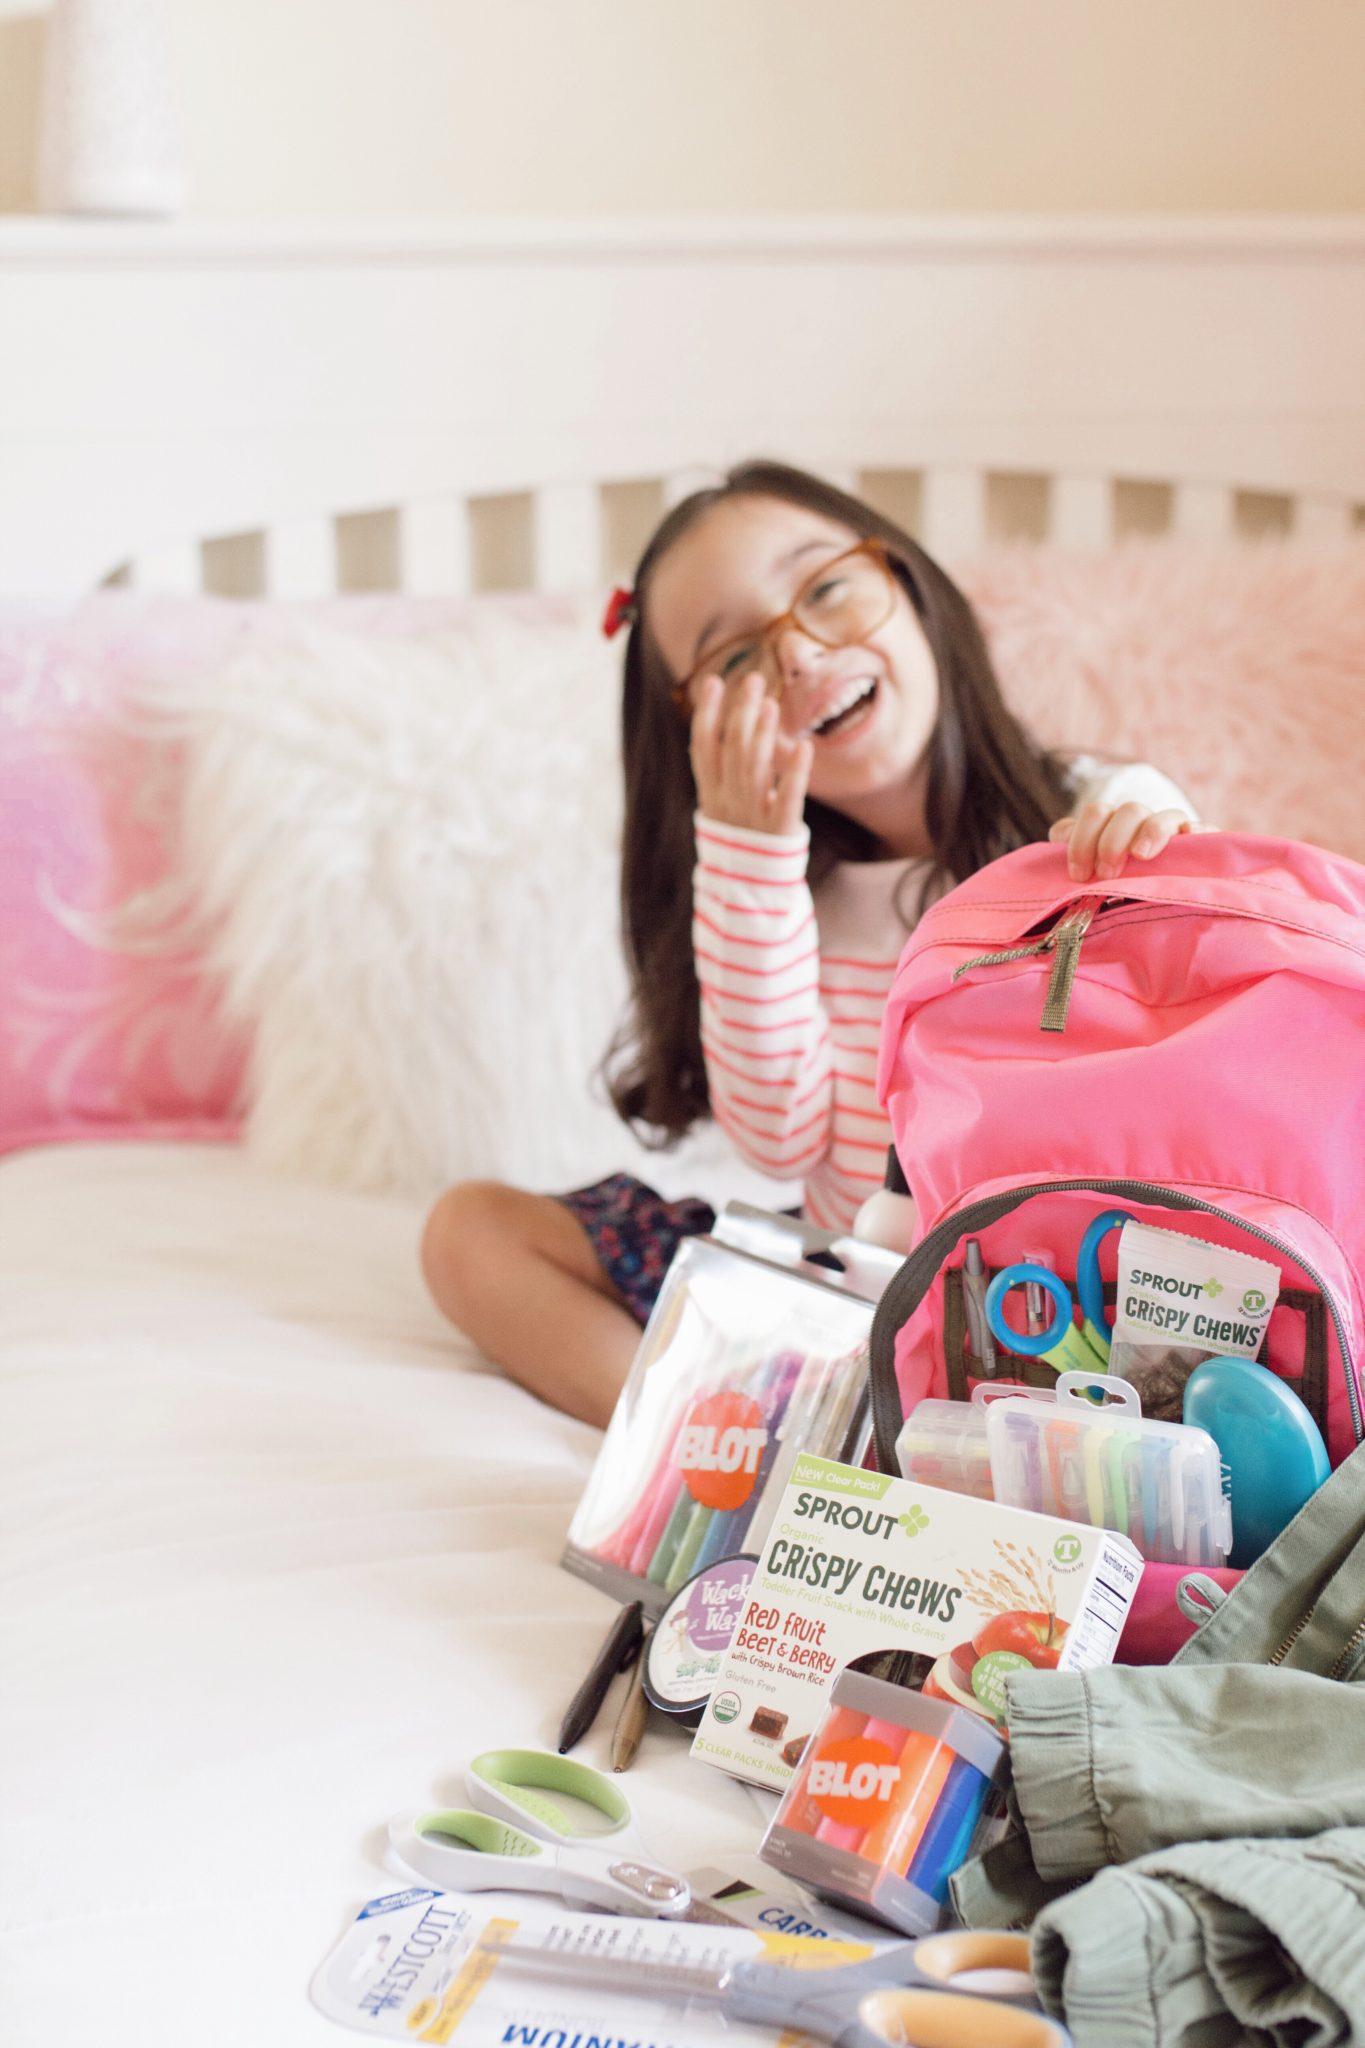 , Tampa parenting blog mothers blog motherhood blog Florida travel blogger travel influencer healthy mom blogger spring hill florida lifestyle parenting blog best mom blog 2018